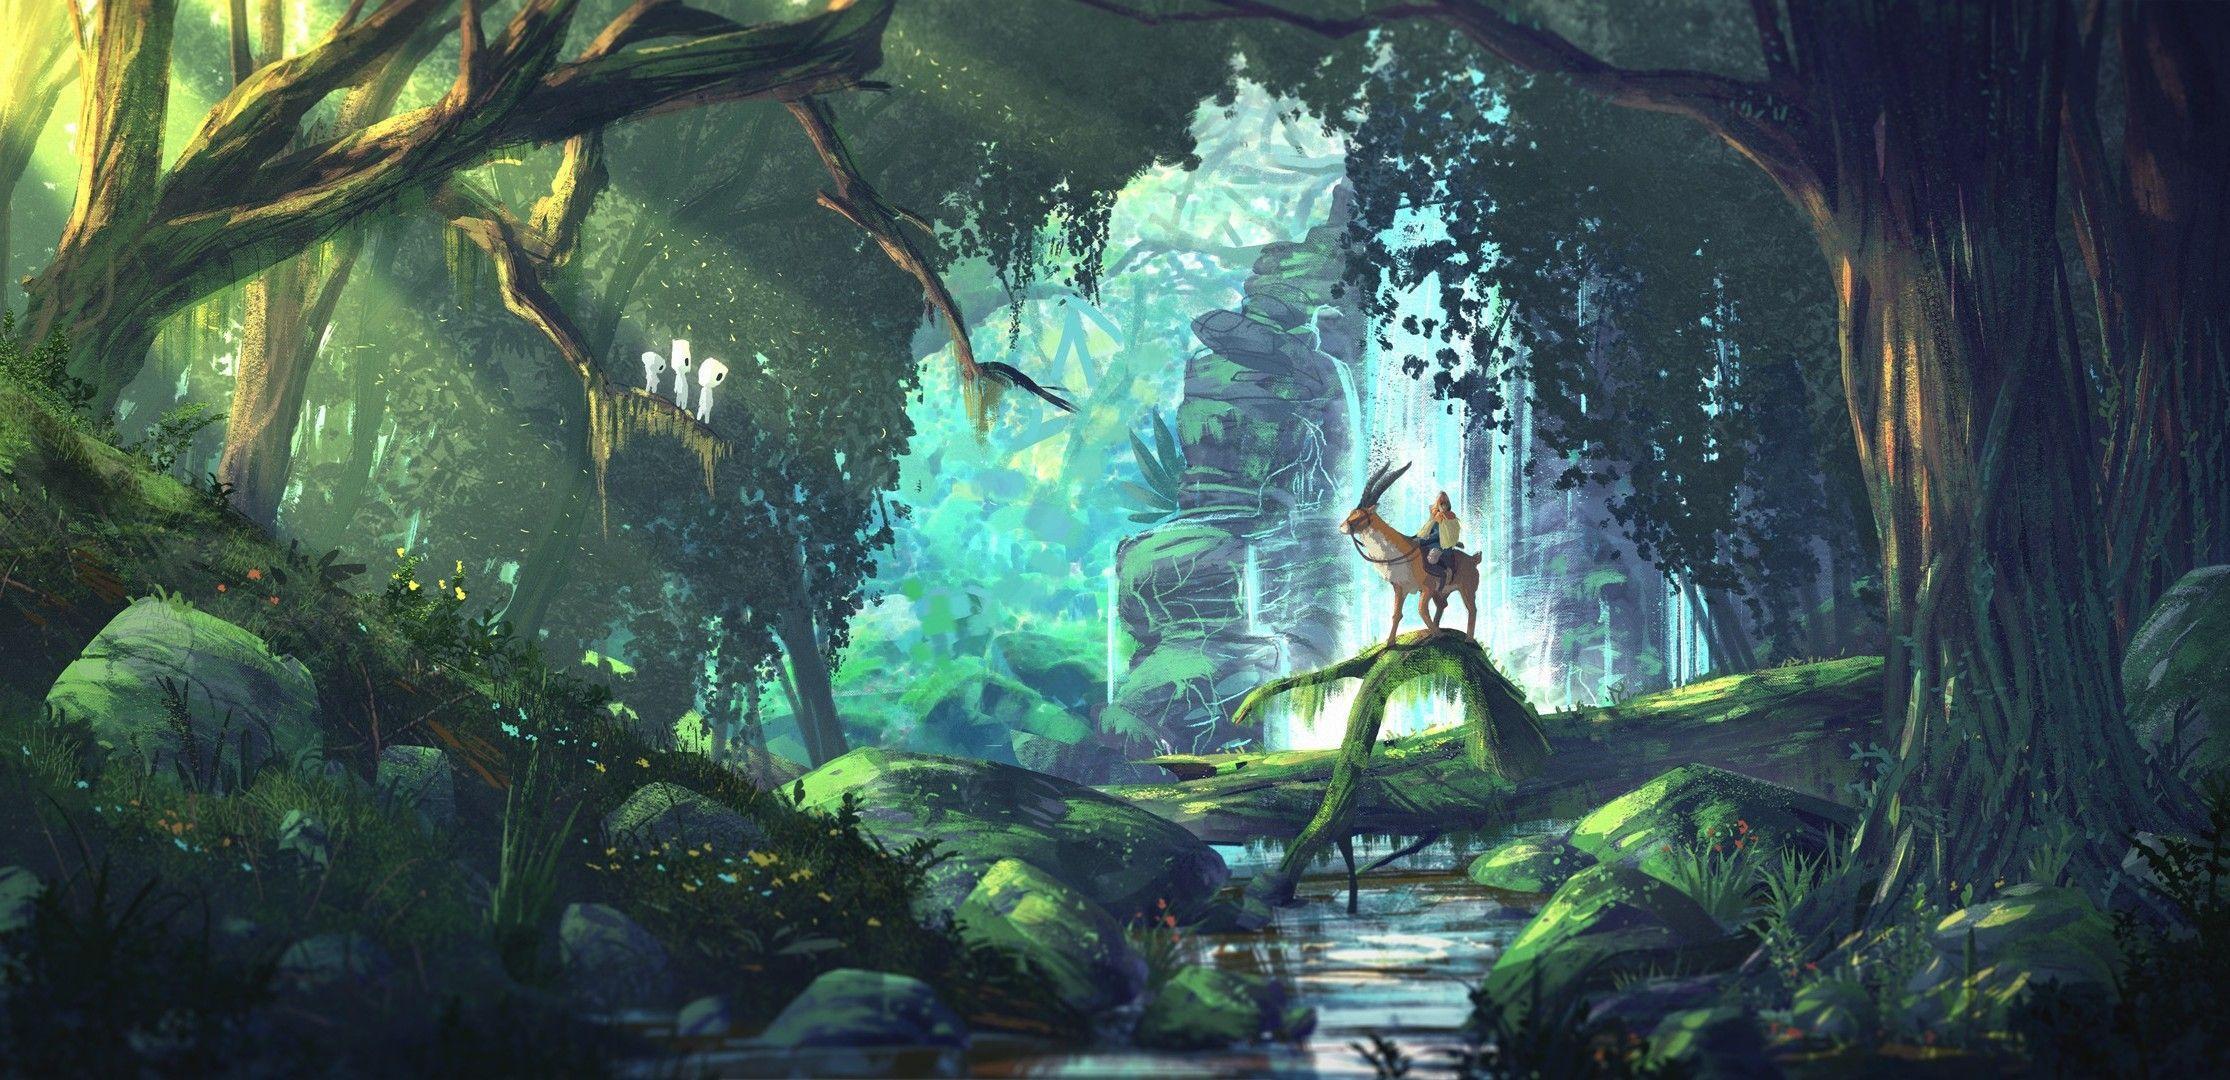 2230x1080 Nghệ thuật tưởng tượng, Anime, Rừng, Công chúa Mononoke, Studio Ghibli